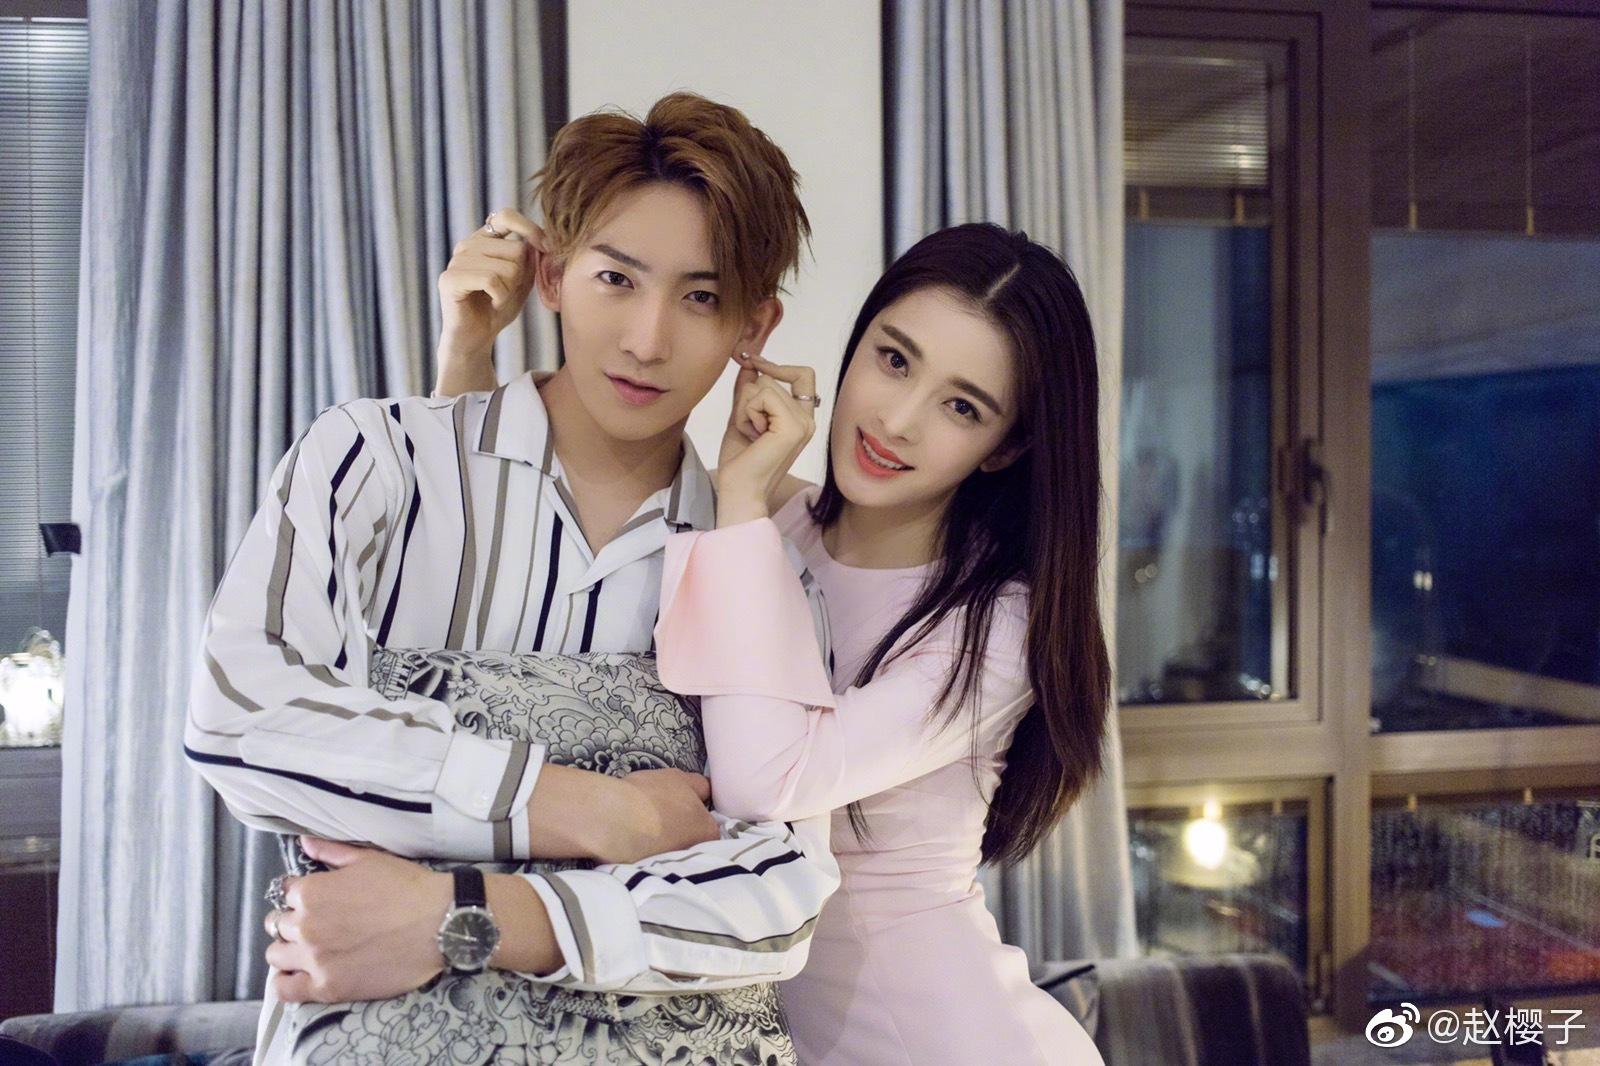 满足你们的心愿,皮皮未和毕东@黄宏轩Xuan 终于在一起了